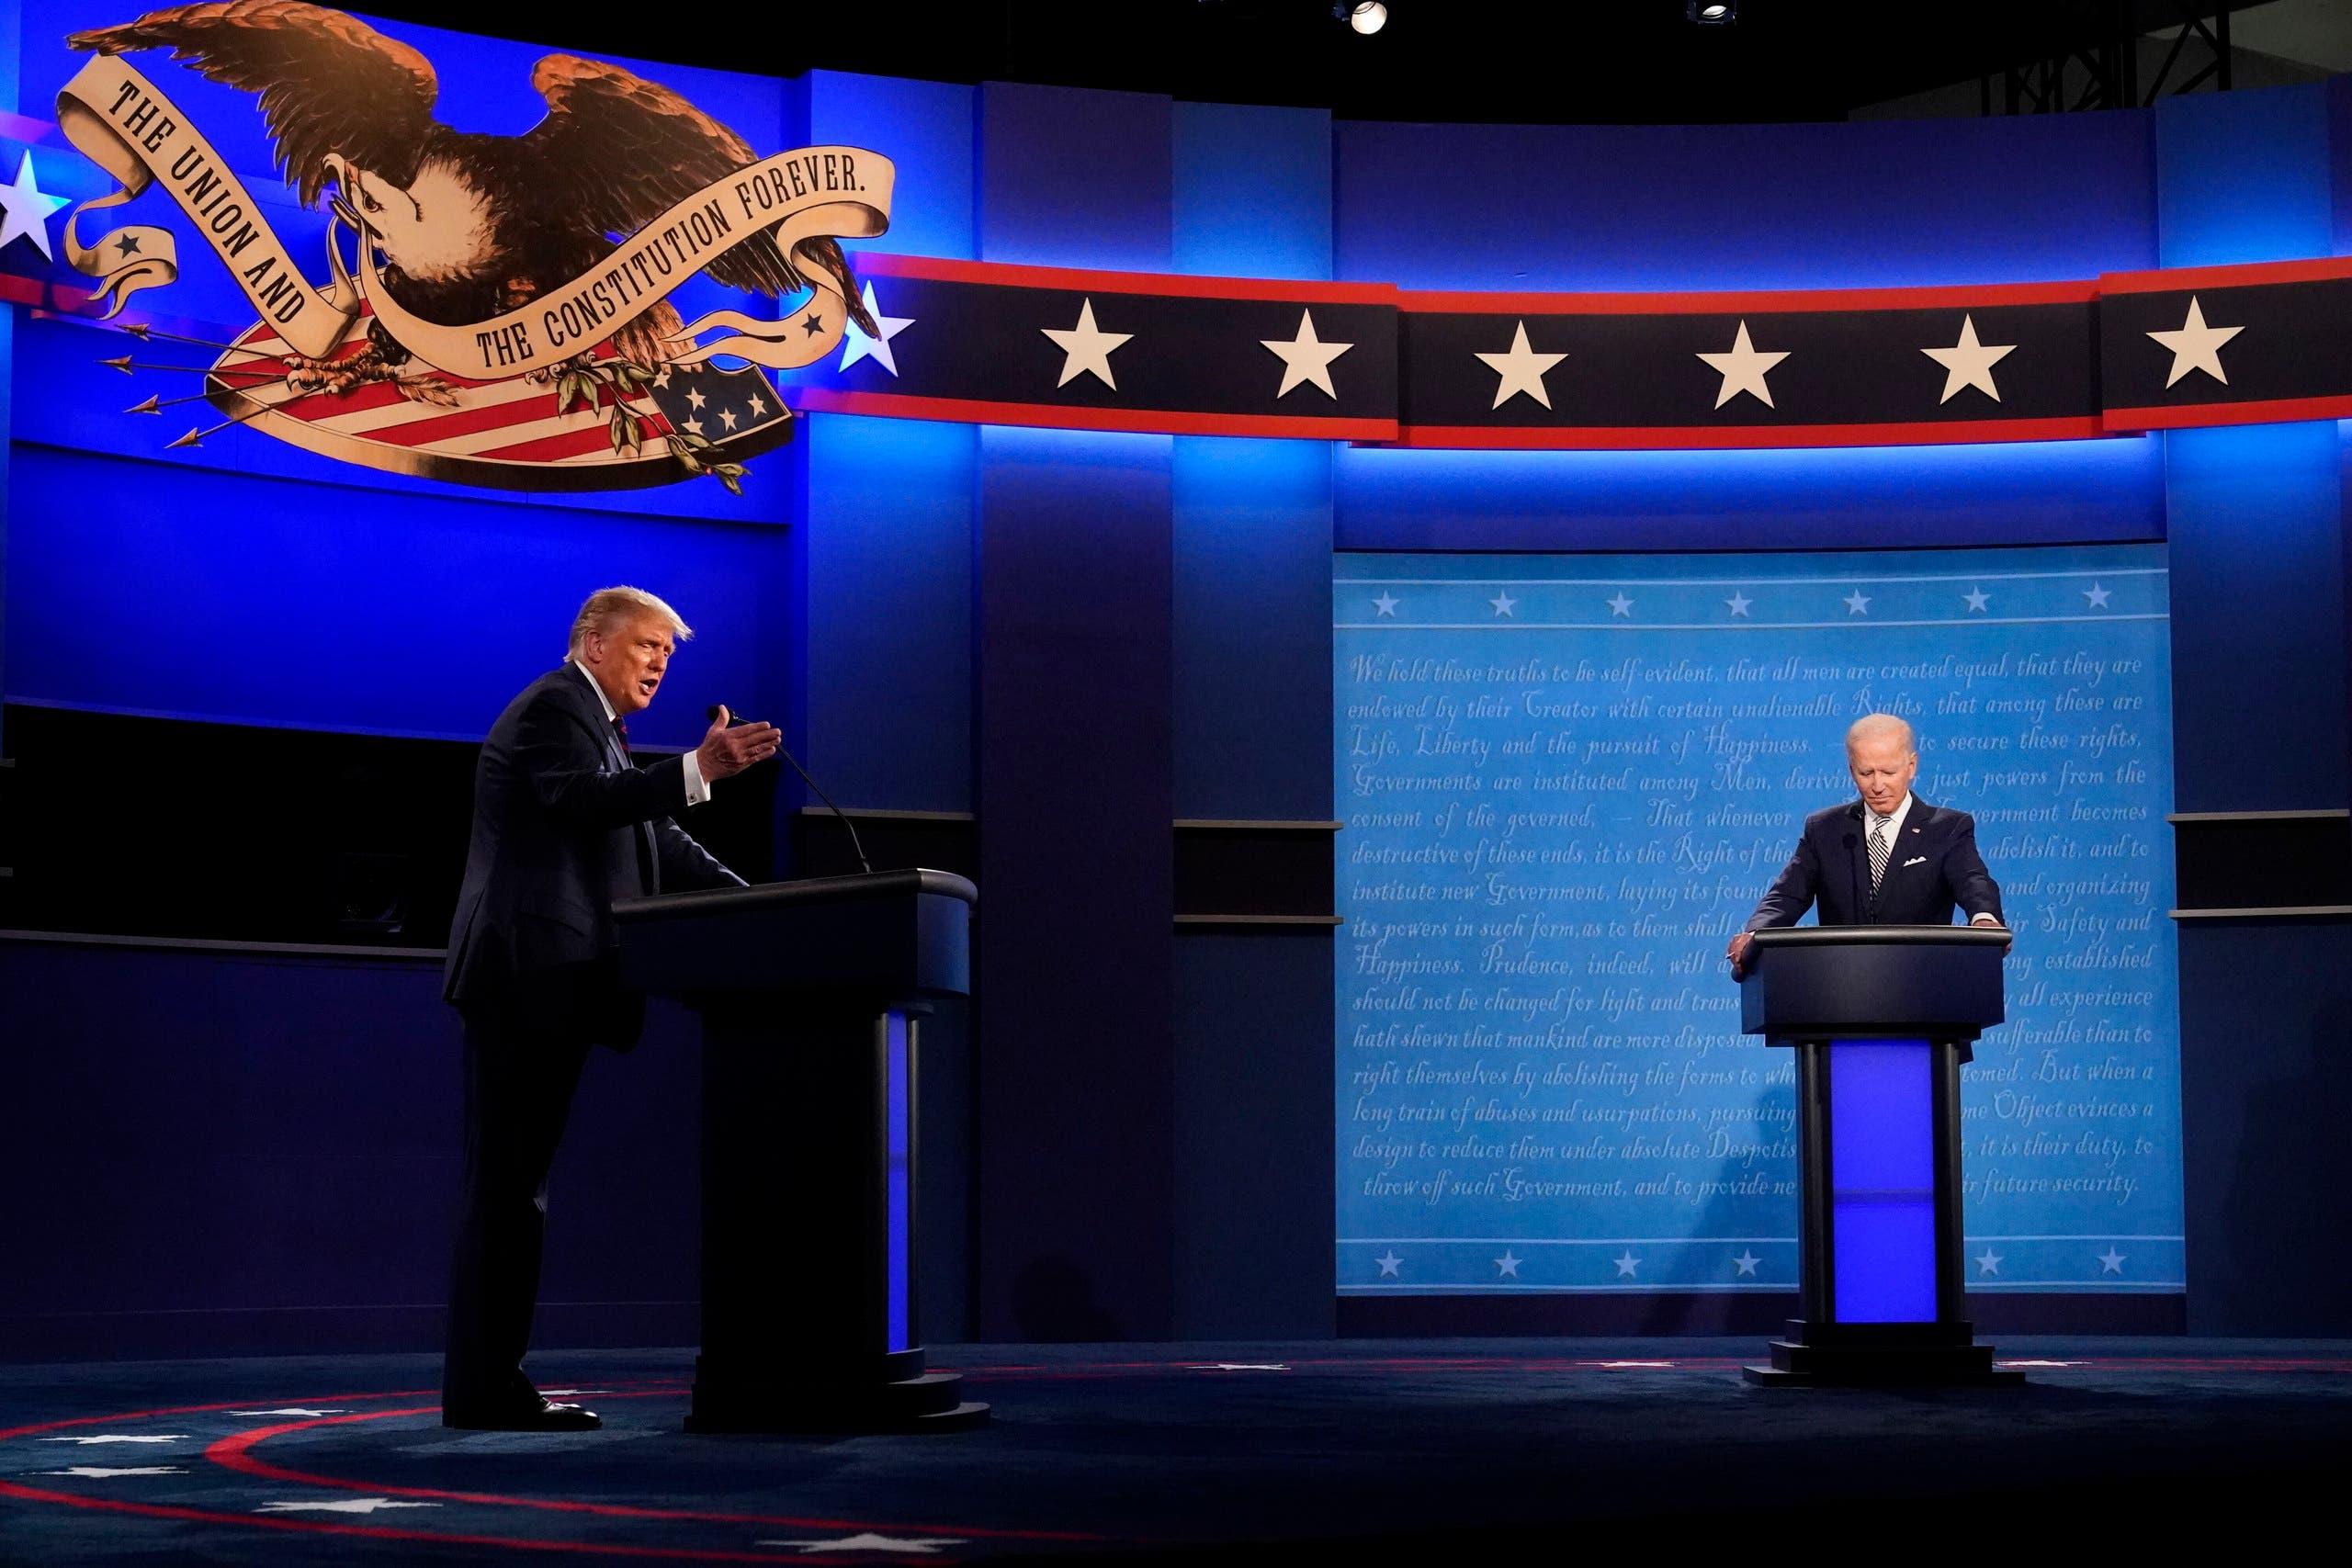 من المناظرة الرئاسية بين ترمب وبايدن